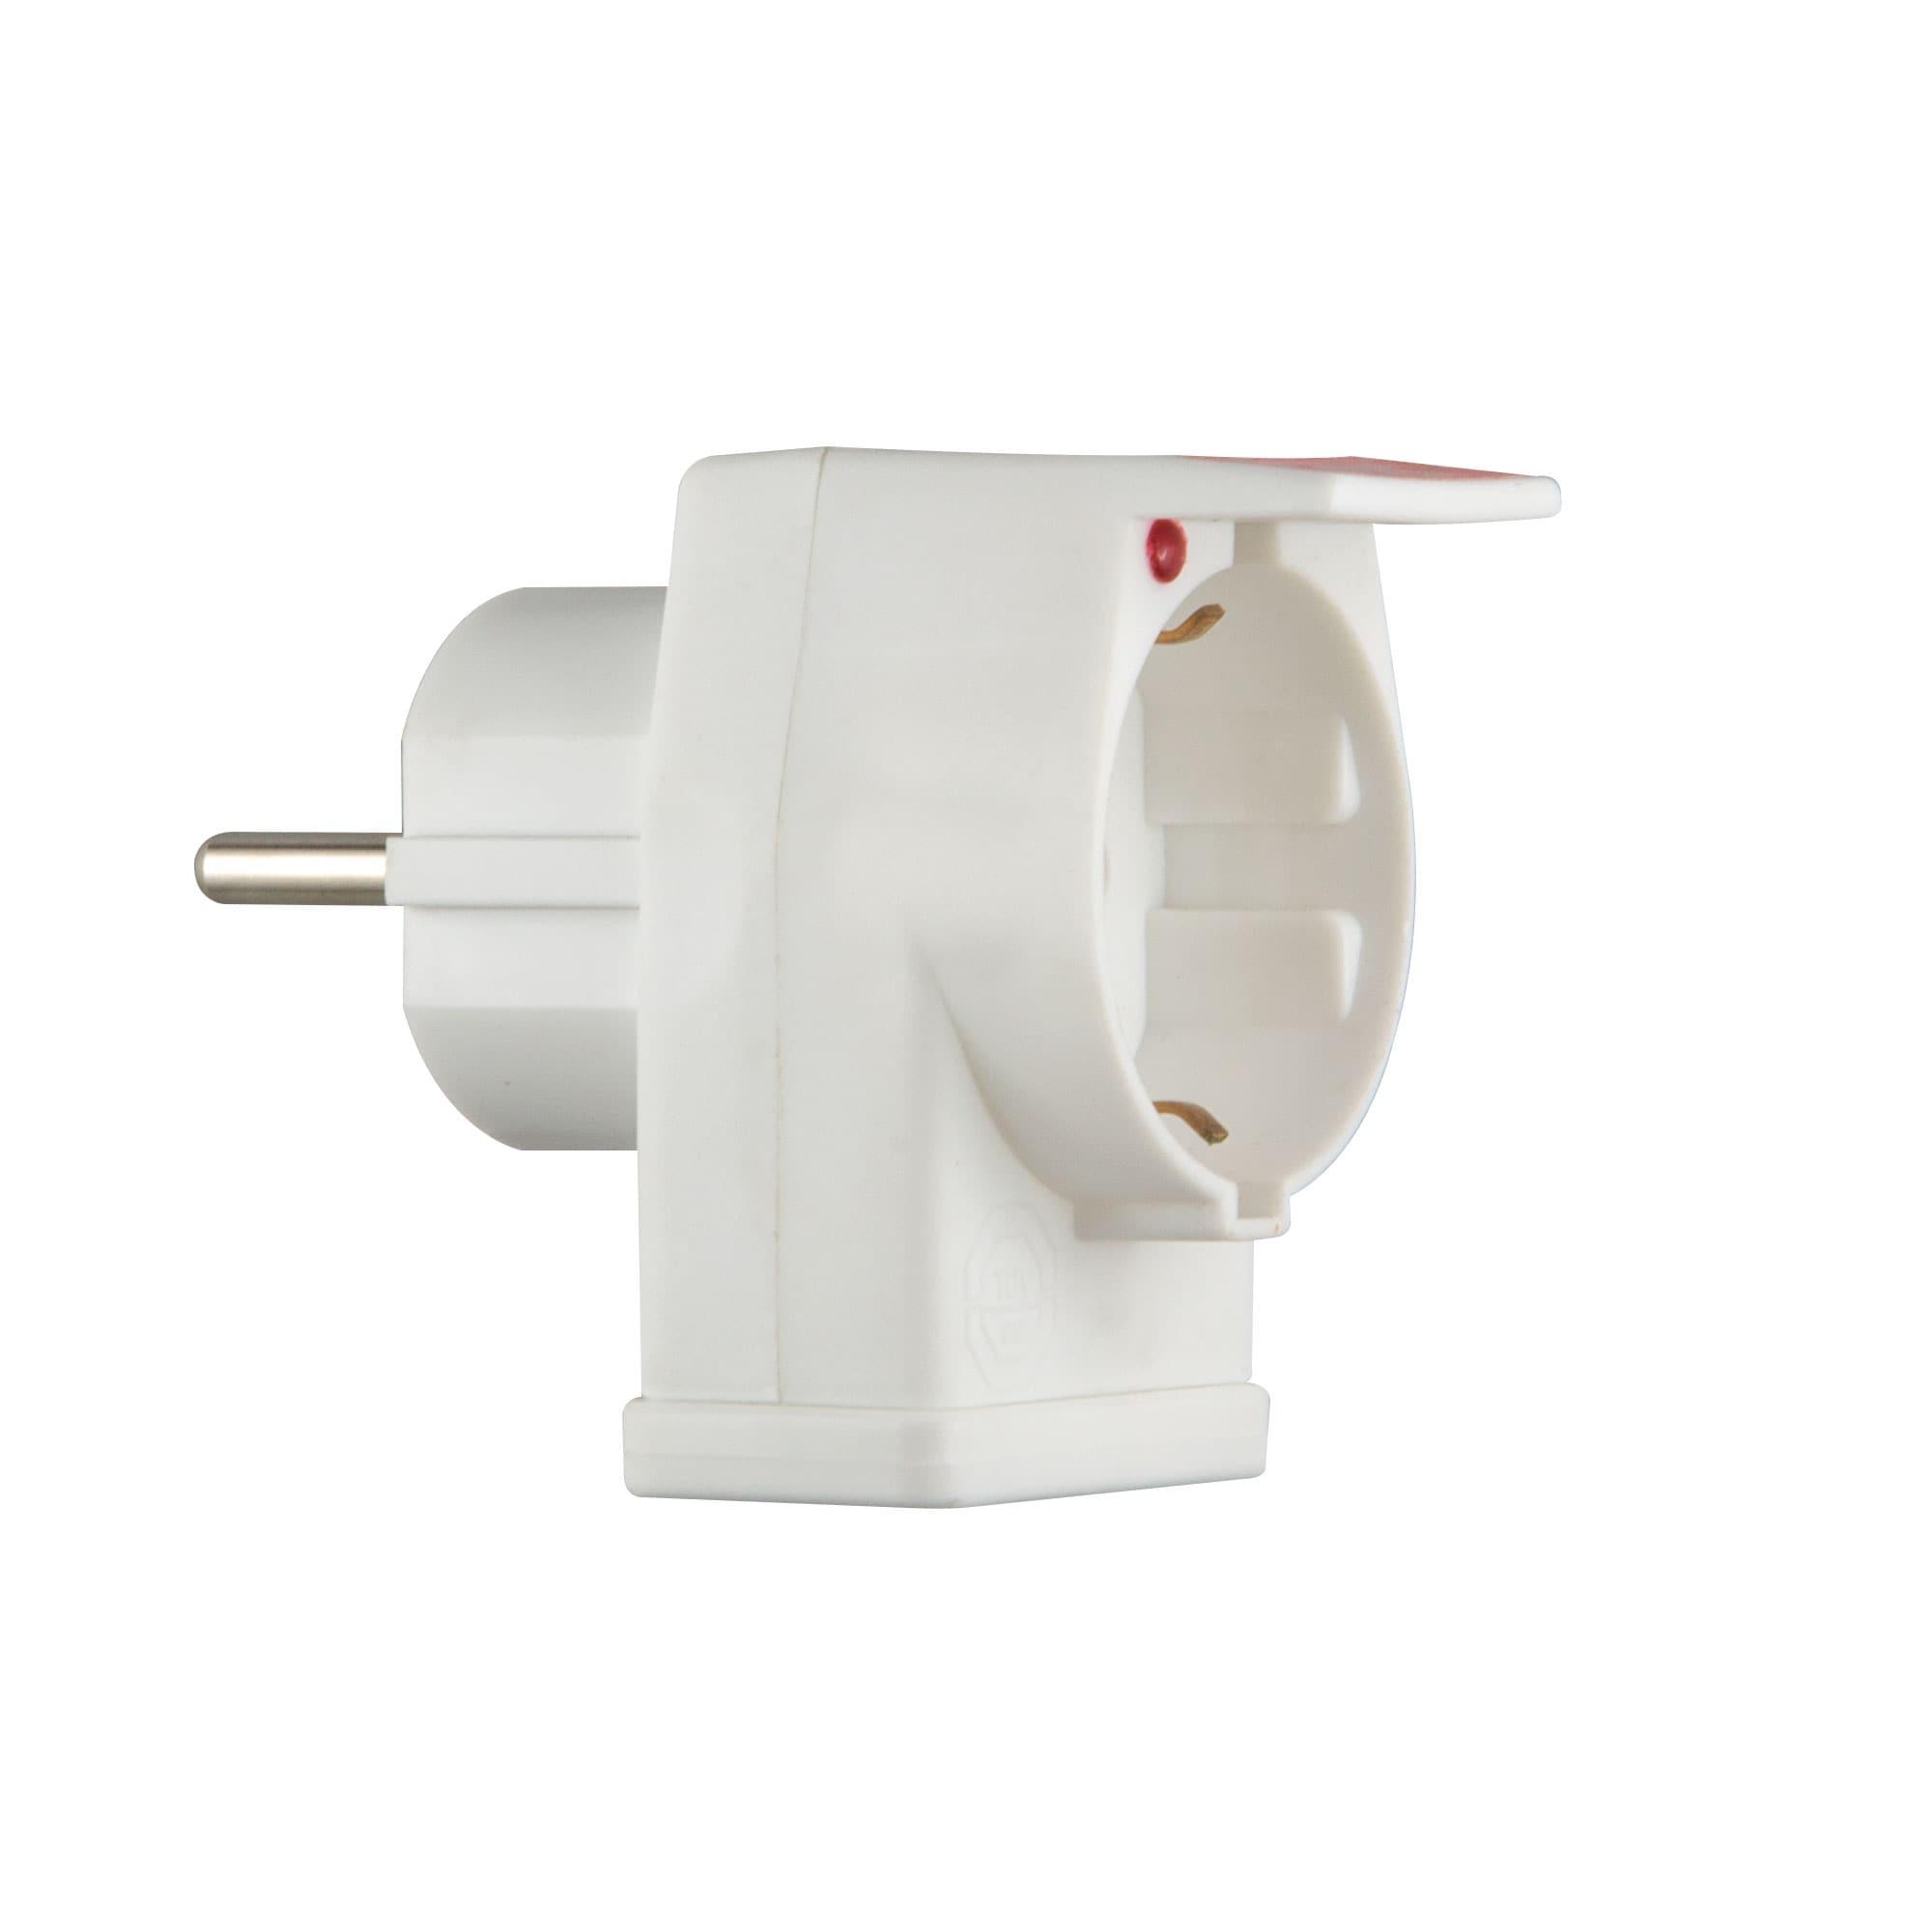 Steckdose / Kombi-Duplex-Geräteschutzstecker von ISOTRONIC mit ...